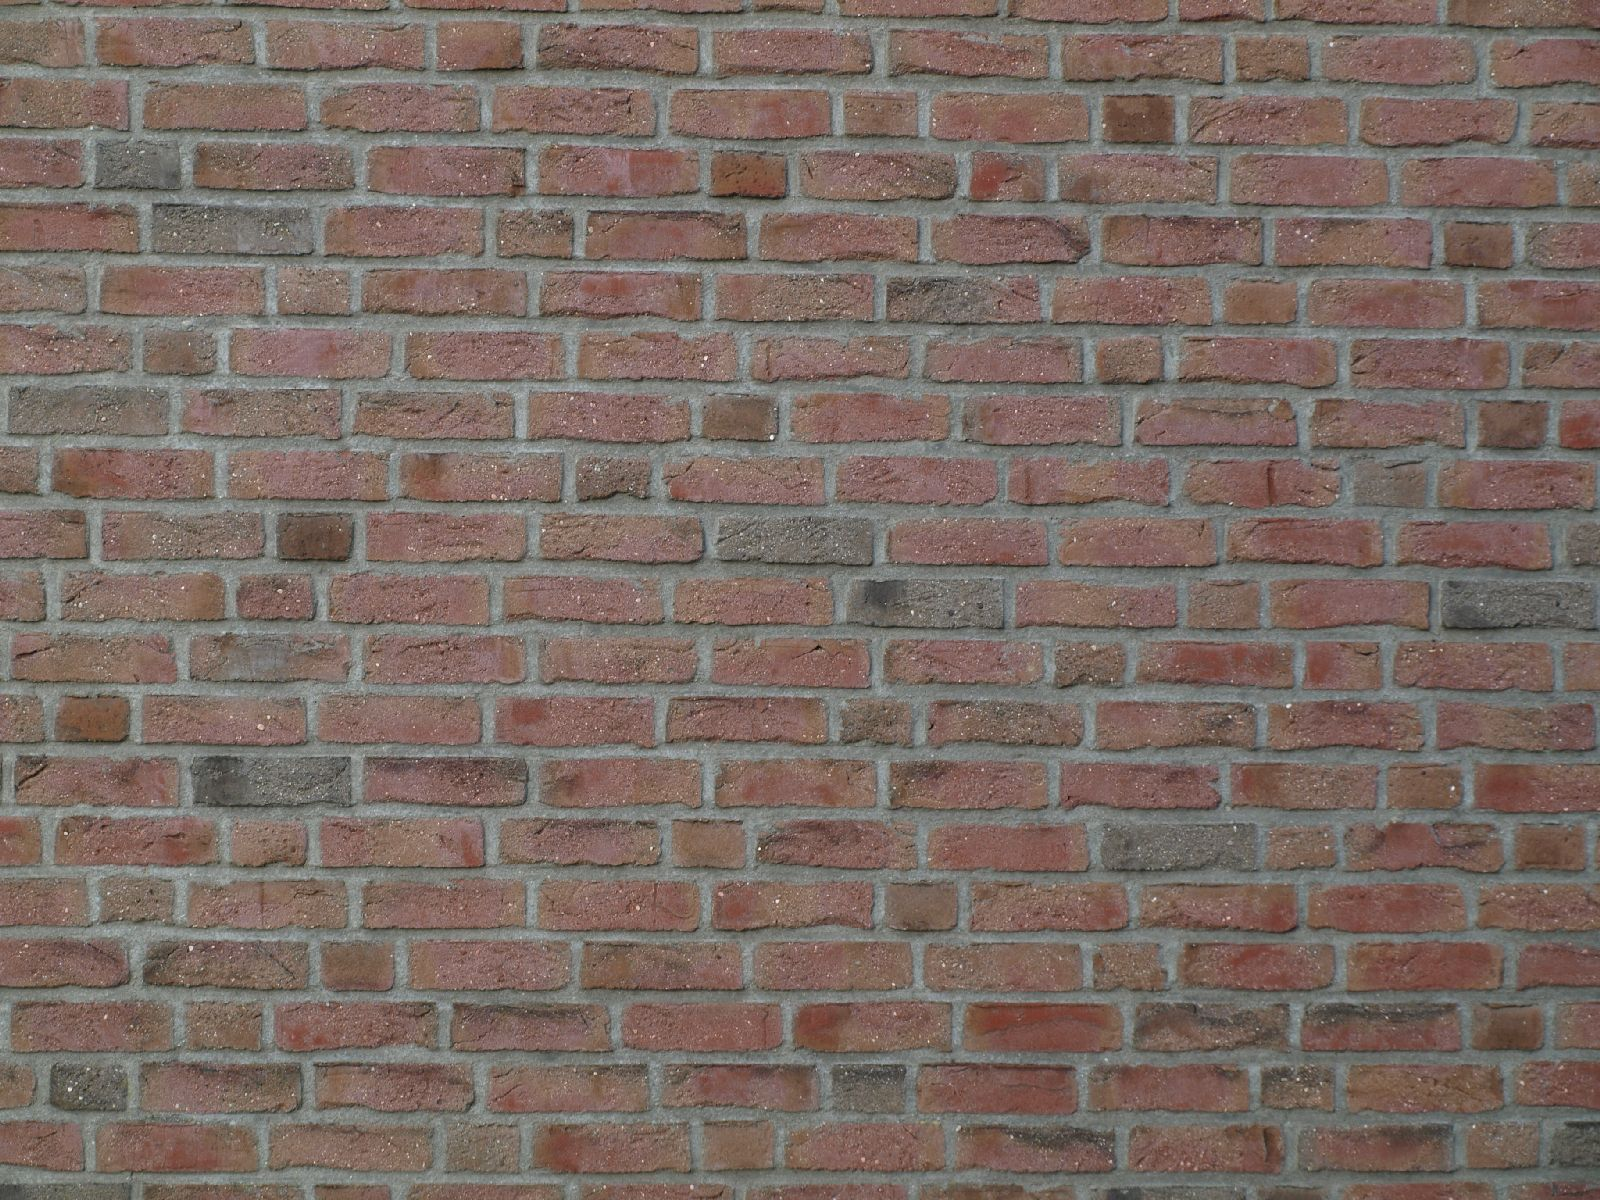 Brick_Texture_A_P4201581